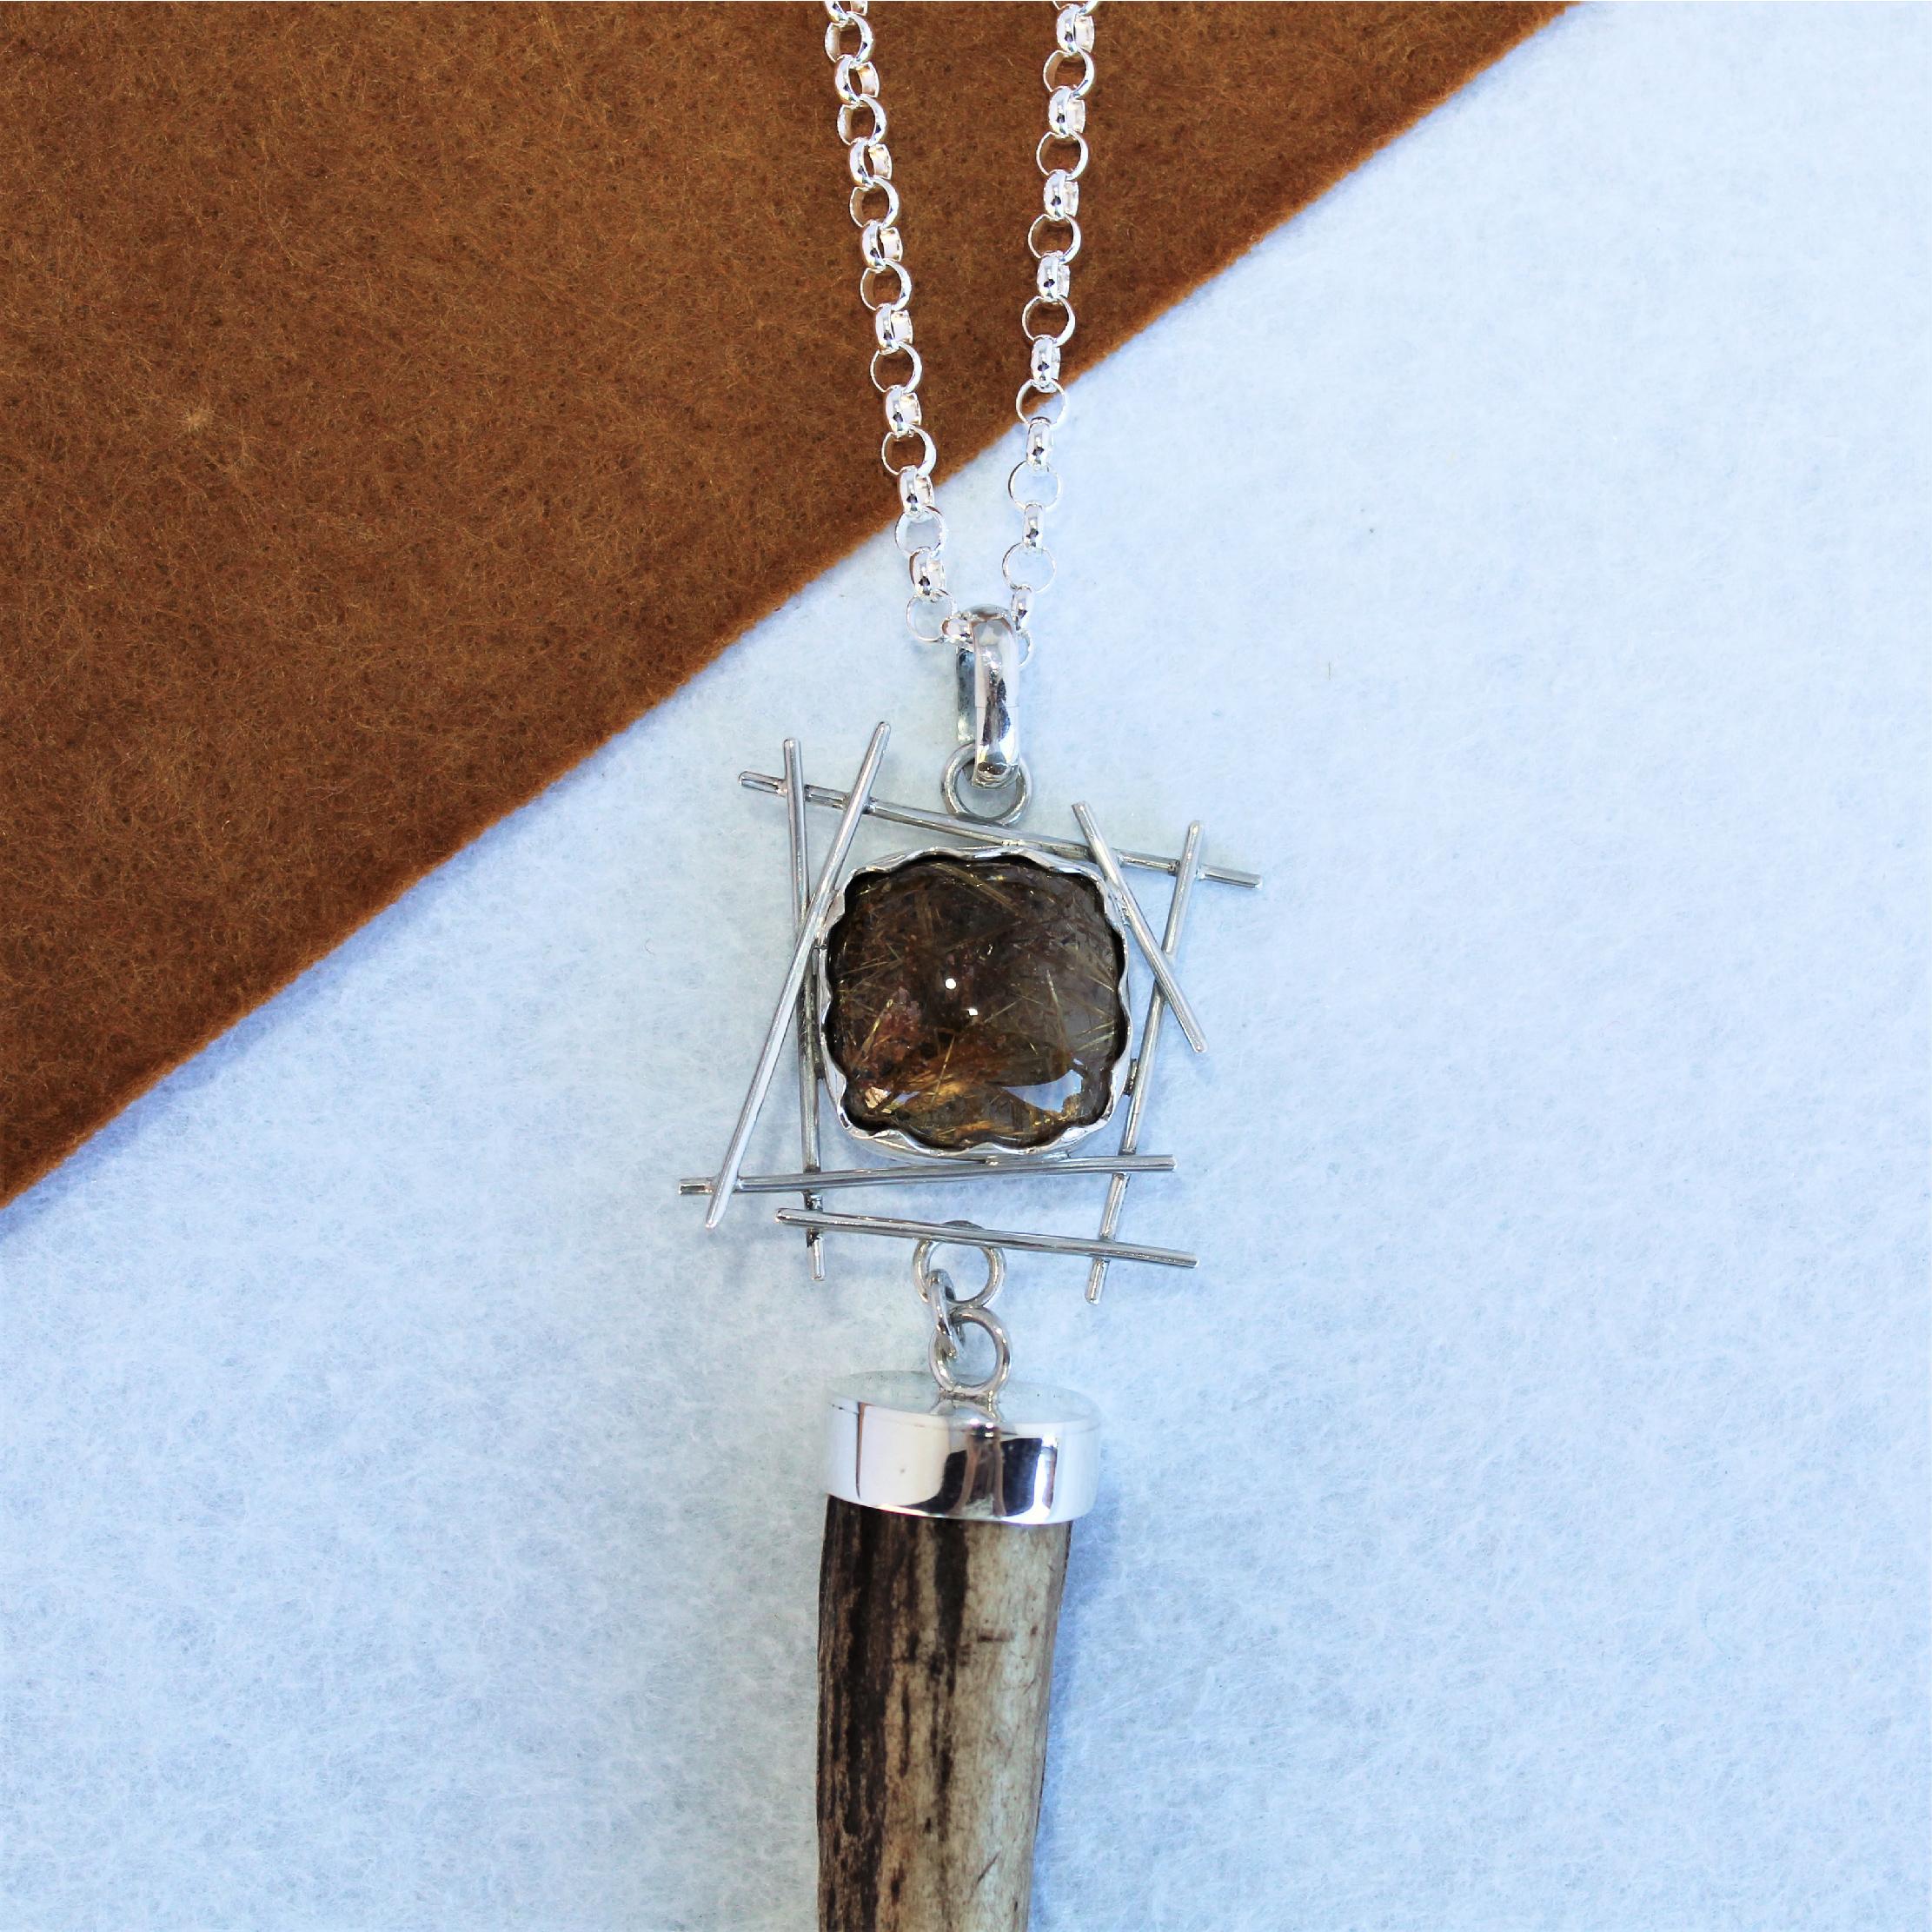 Colgante pieza única en plata de ley, cuarzo y punta de cuerno de ciervo, exclusivo de Quela